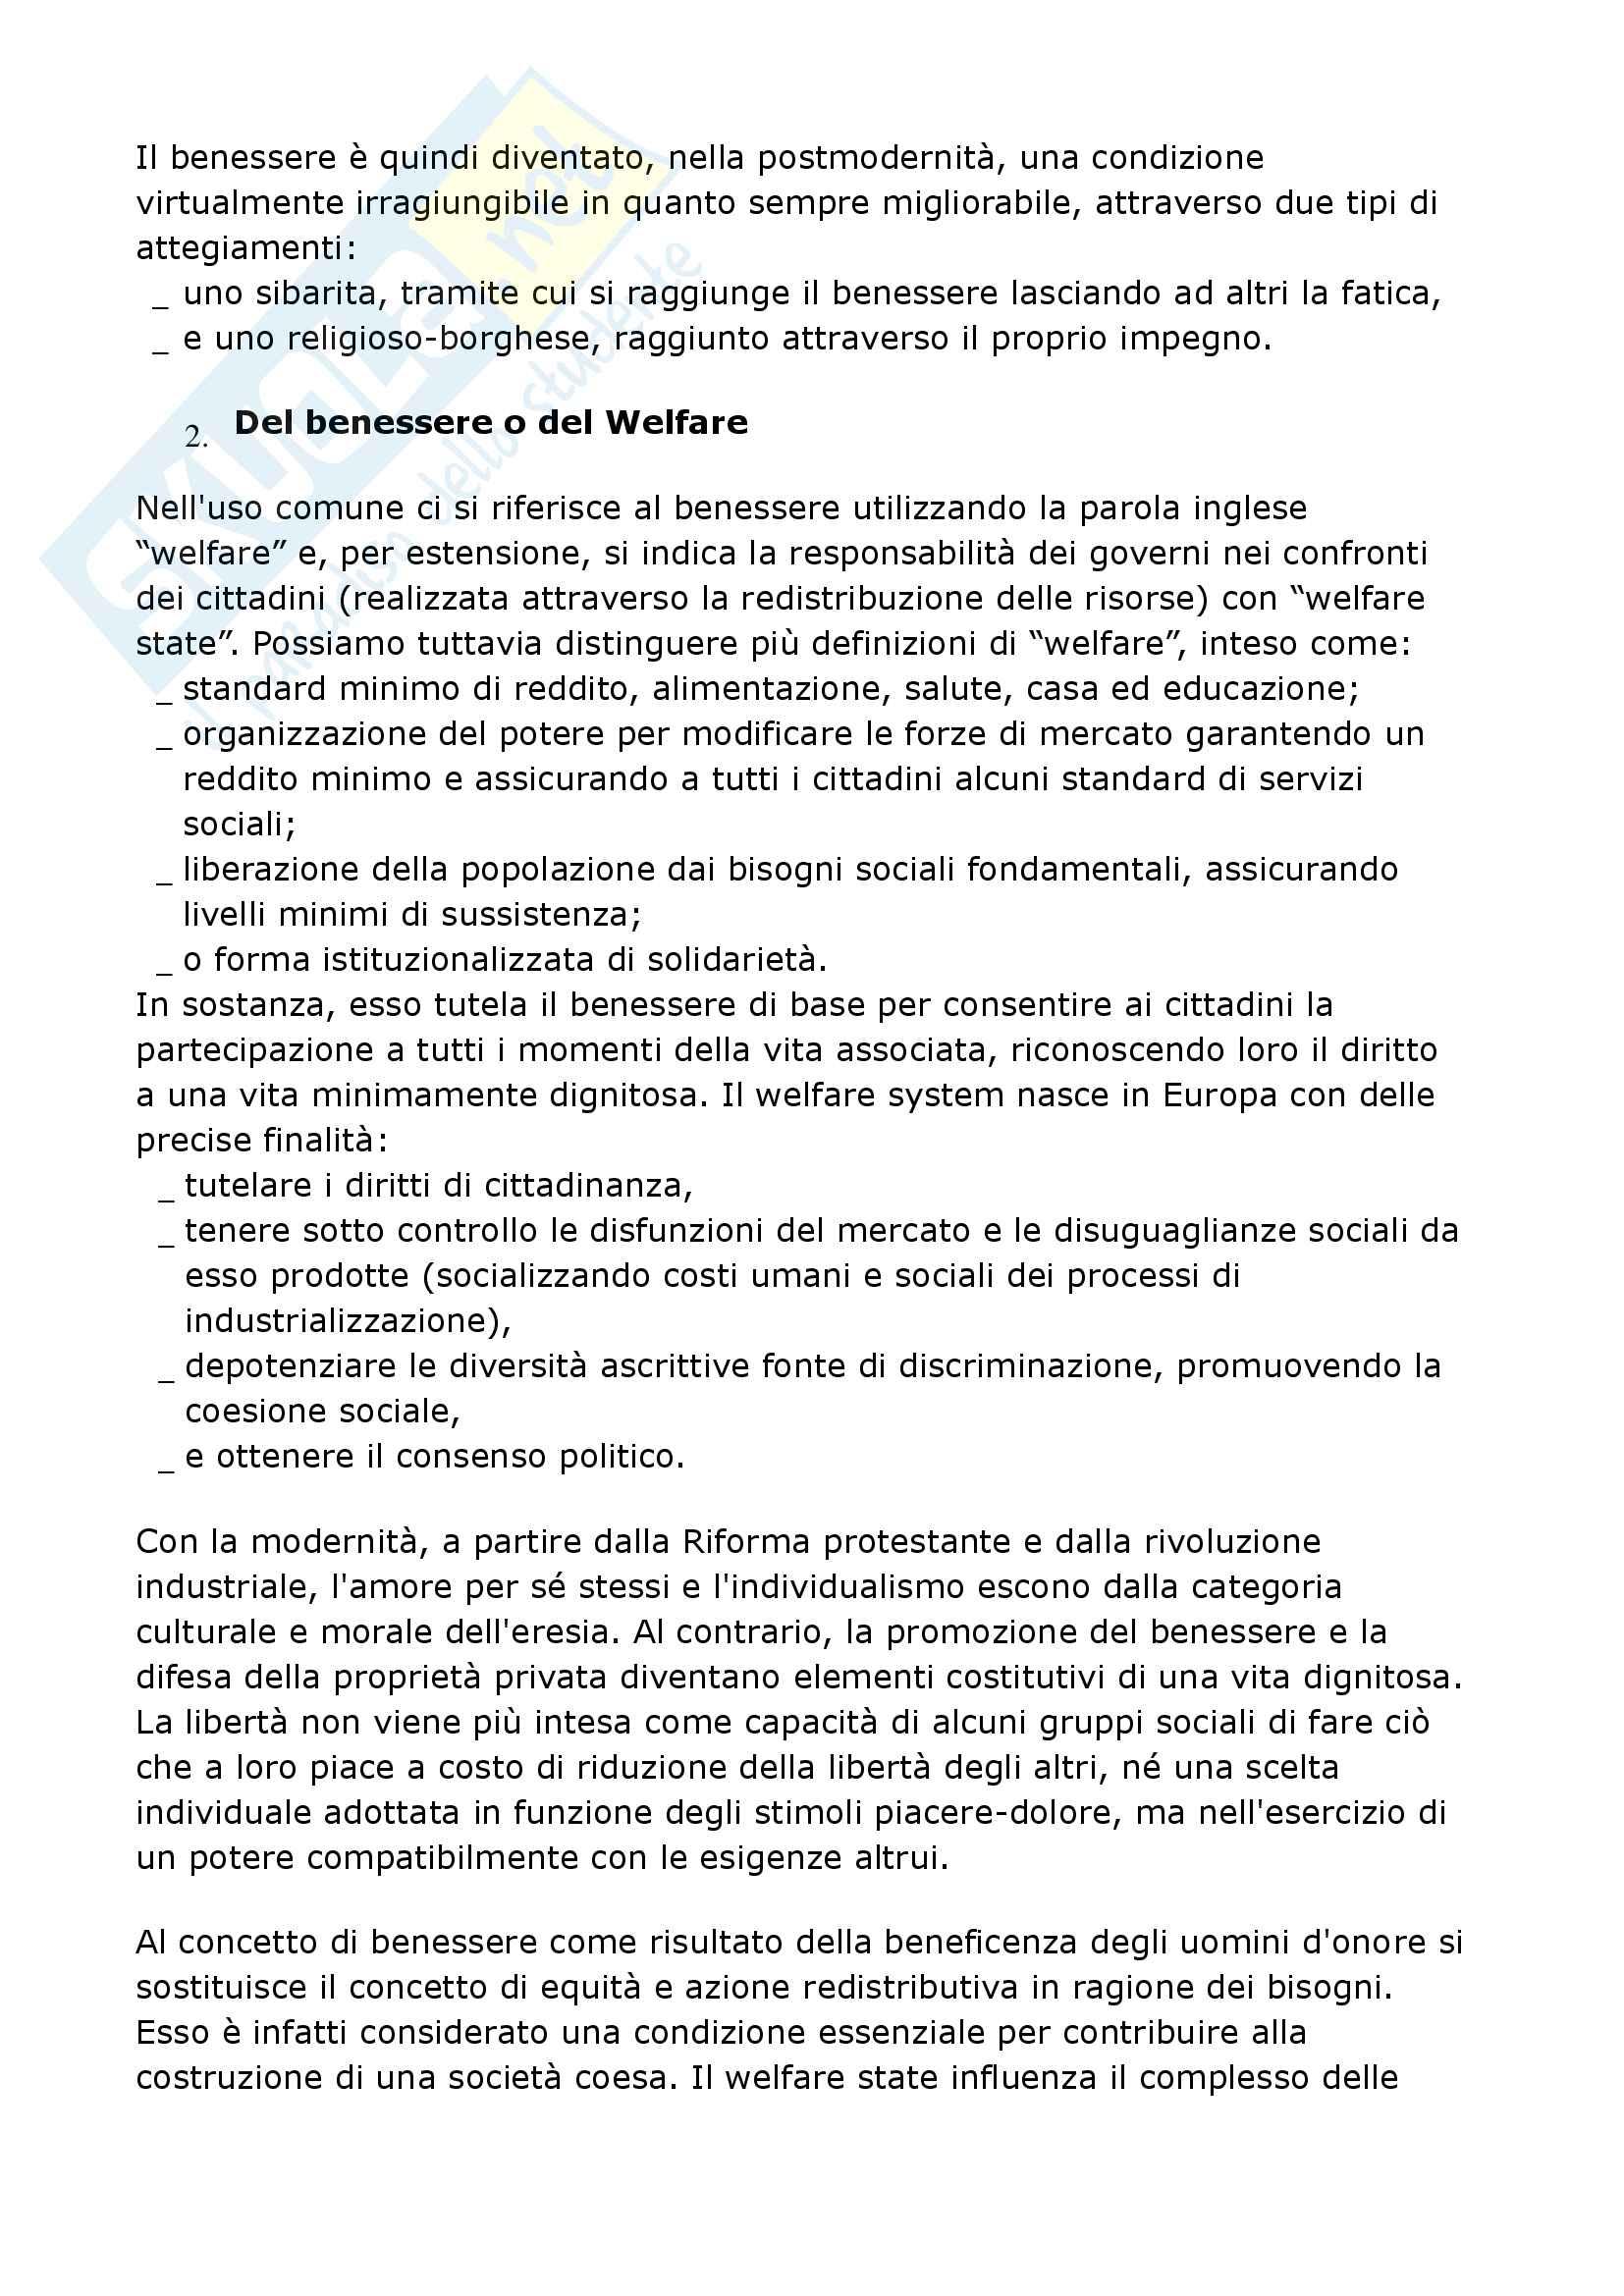 Riassunto esame Sociologia del benessere, prof. Matteucci, libro consigliato Sociologia del benessere, Secondulfo Pag. 2